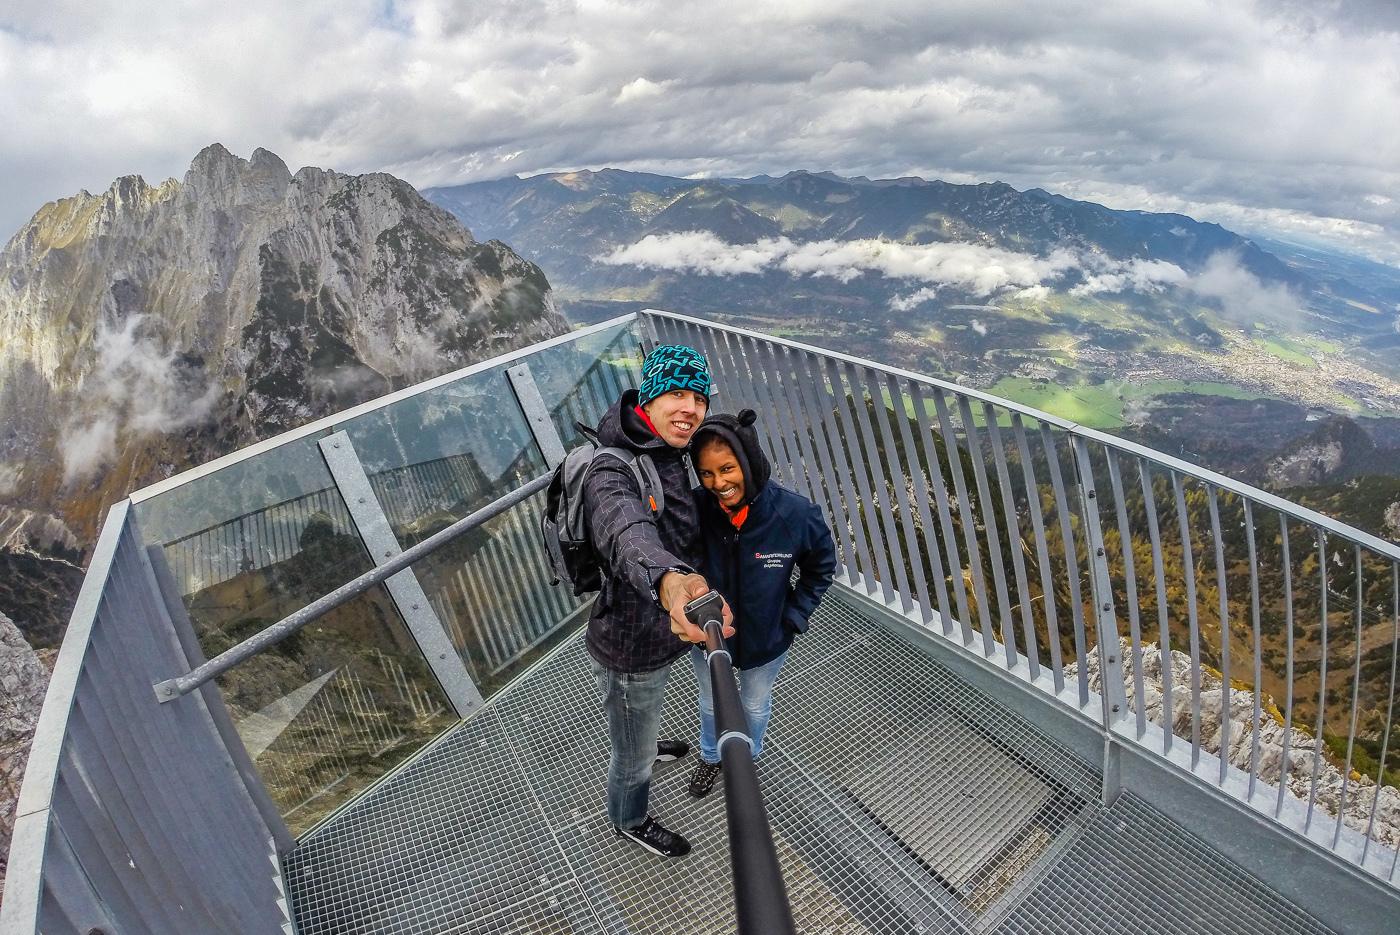 люди, которые не боятся опасных сооружений, — на смотровой площадке AlpspiX, Грайнау, Германия